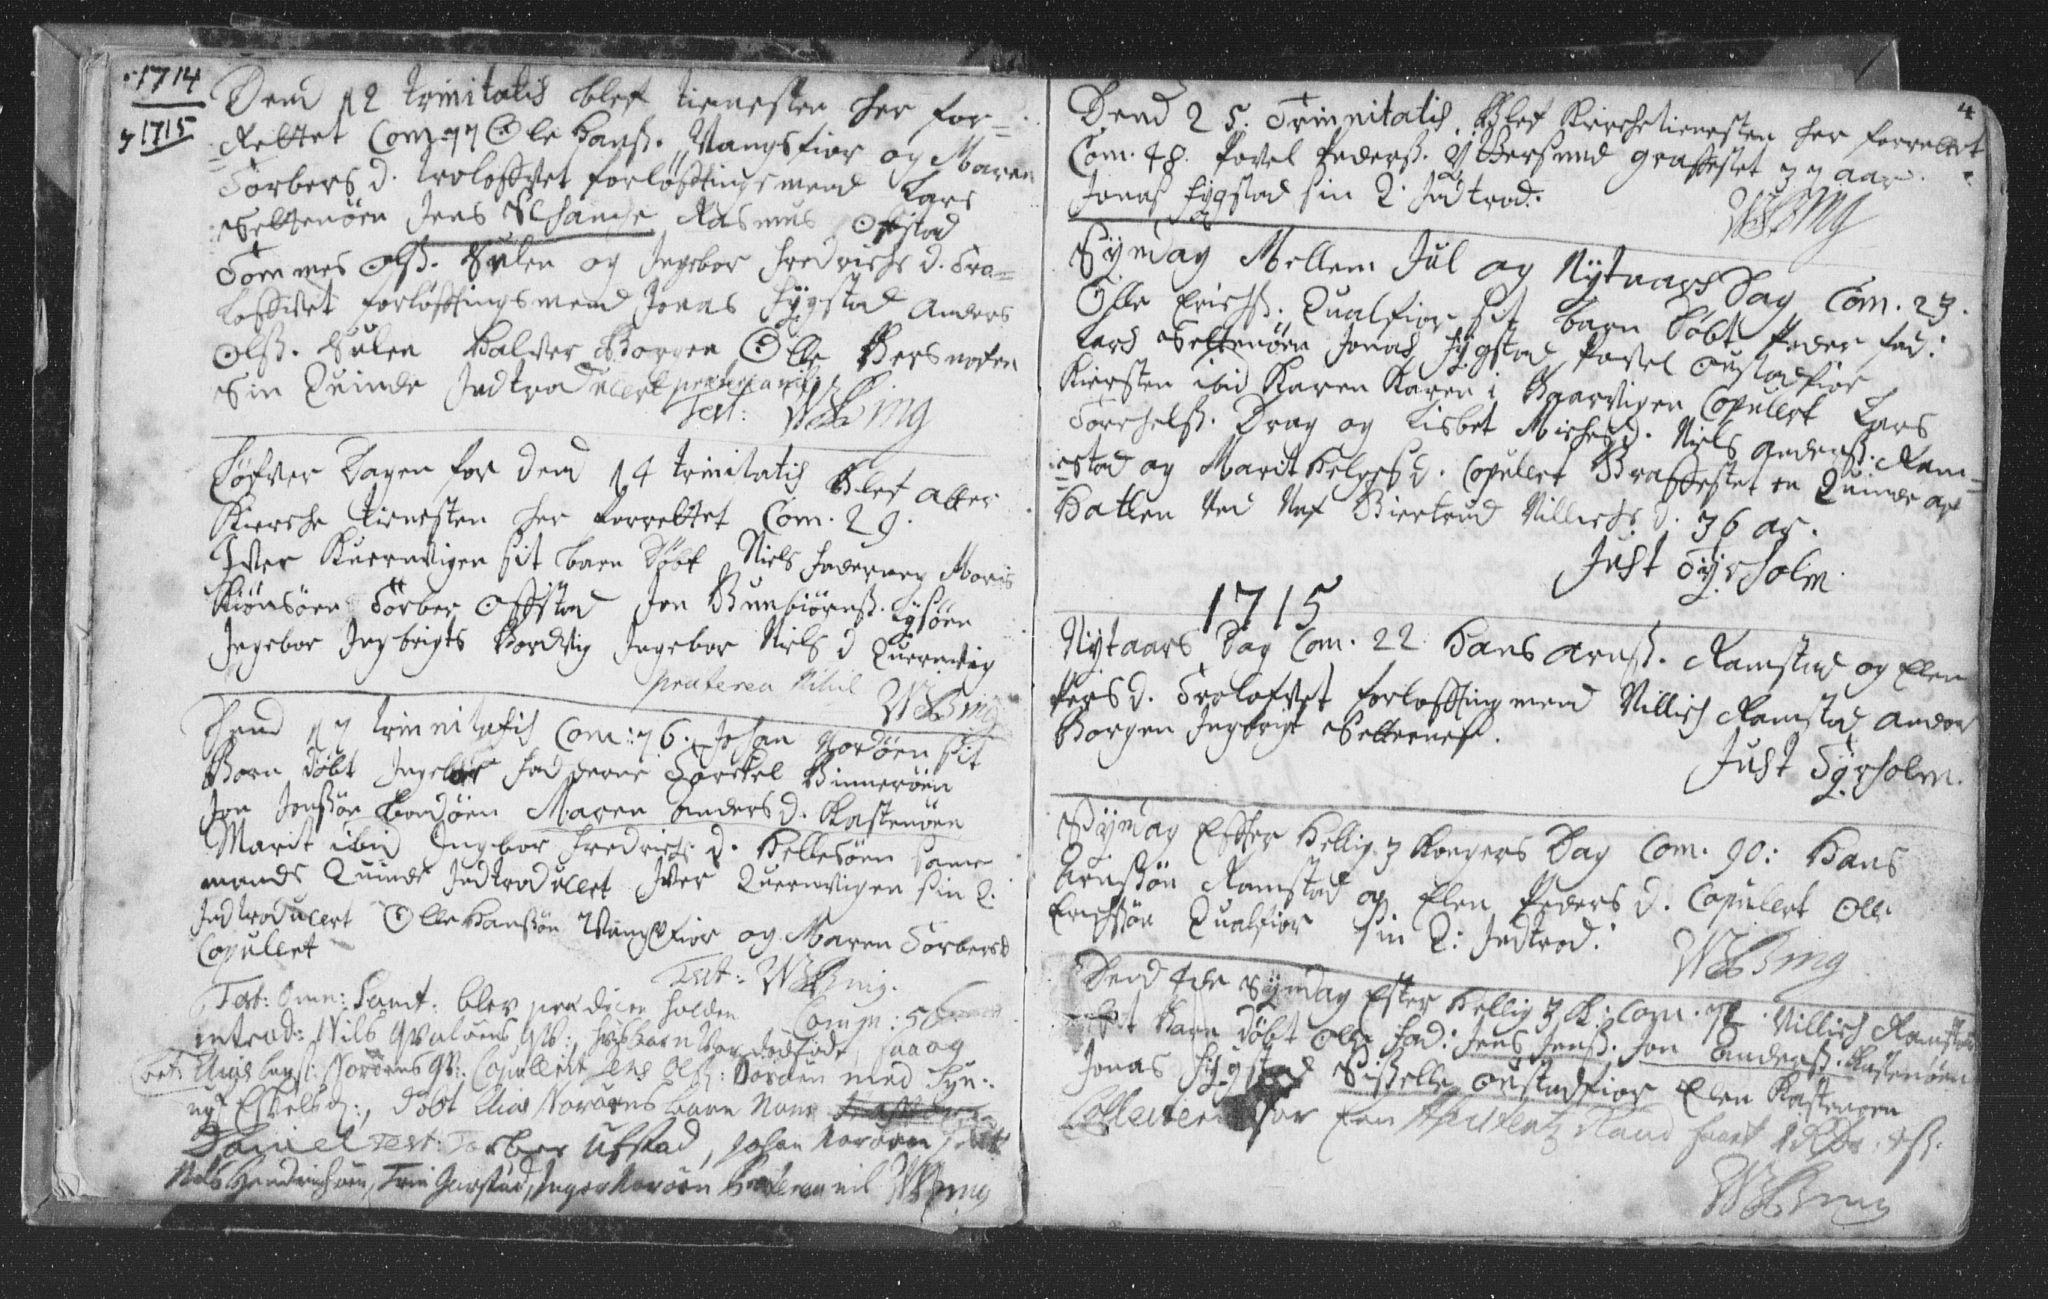 SAT, Ministerialprotokoller, klokkerbøker og fødselsregistre - Nord-Trøndelag, 786/L0685: Ministerialbok nr. 786A01, 1710-1798, s. 4